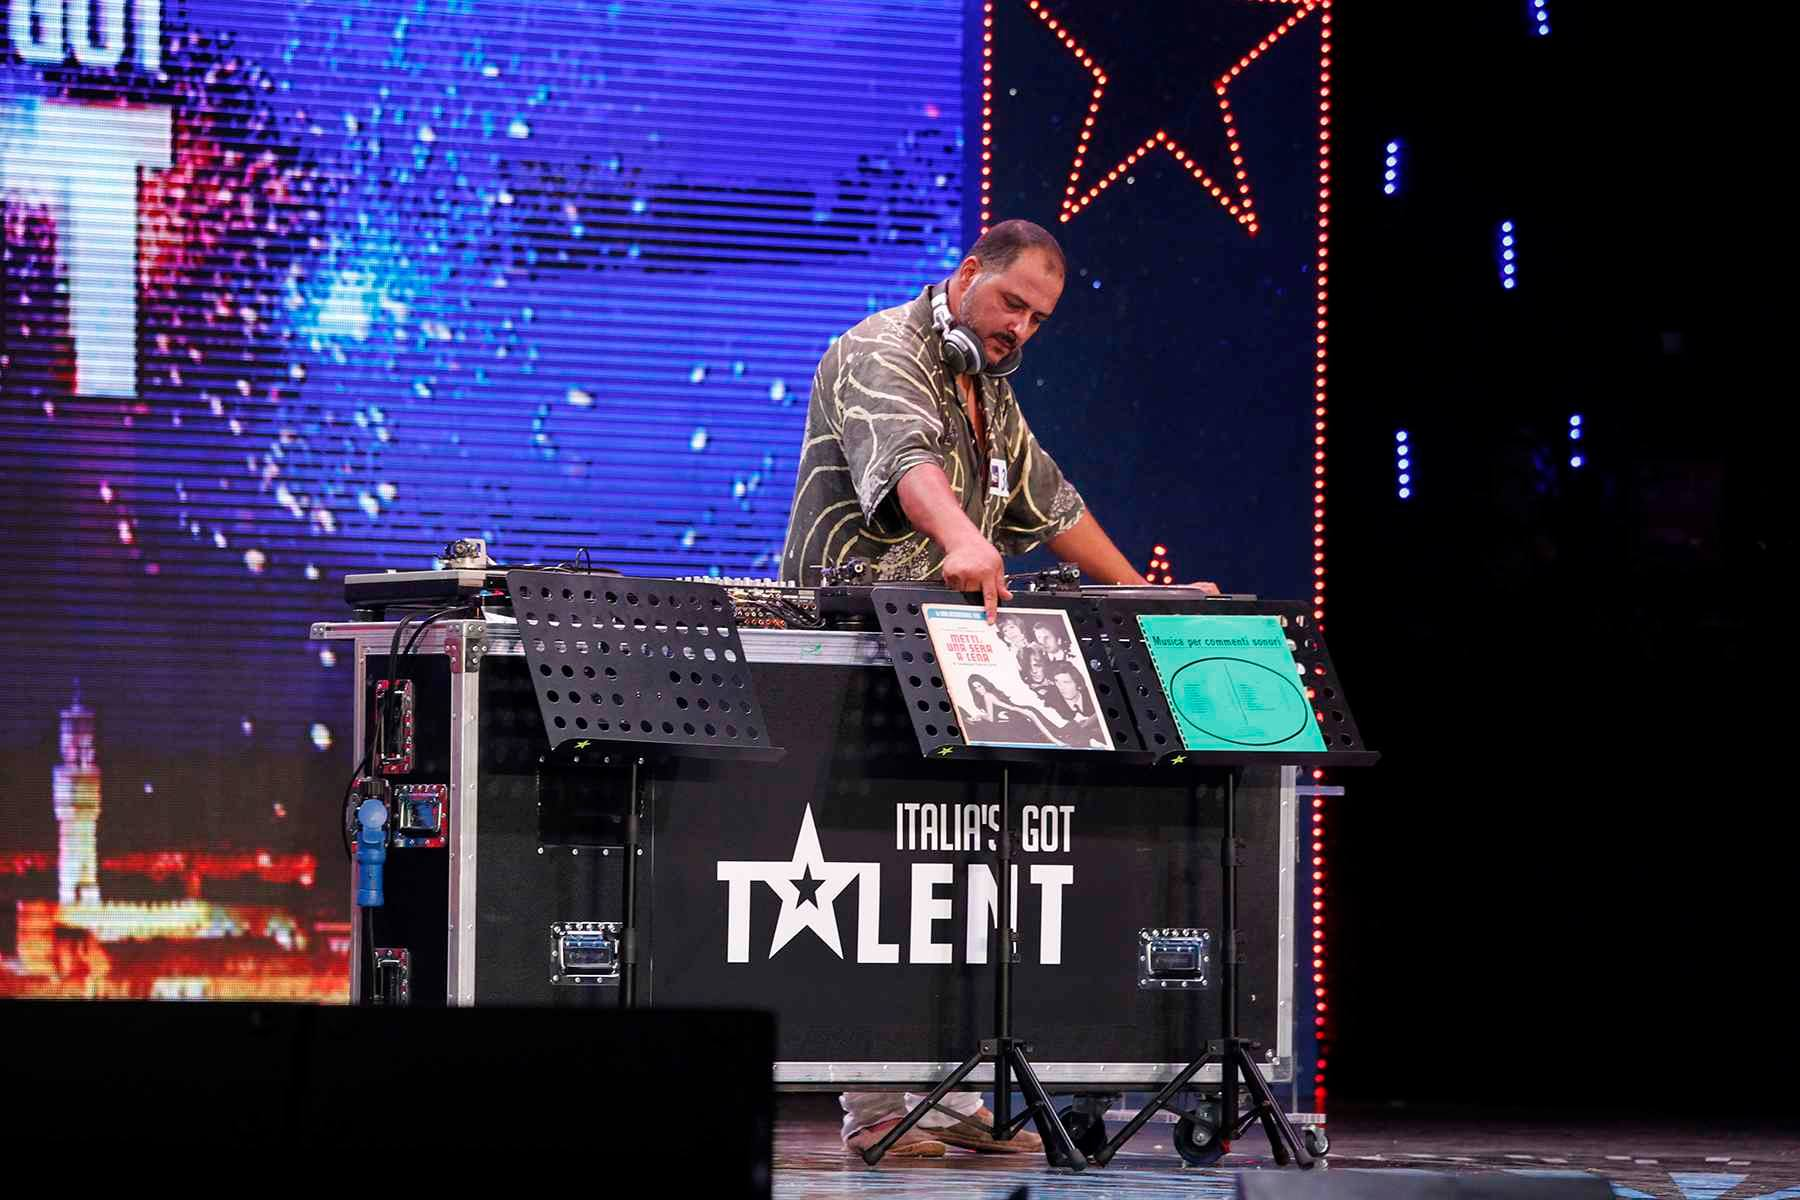 Italia's got talent, terza puntata: i concorrenti che passano il turno – FOTO